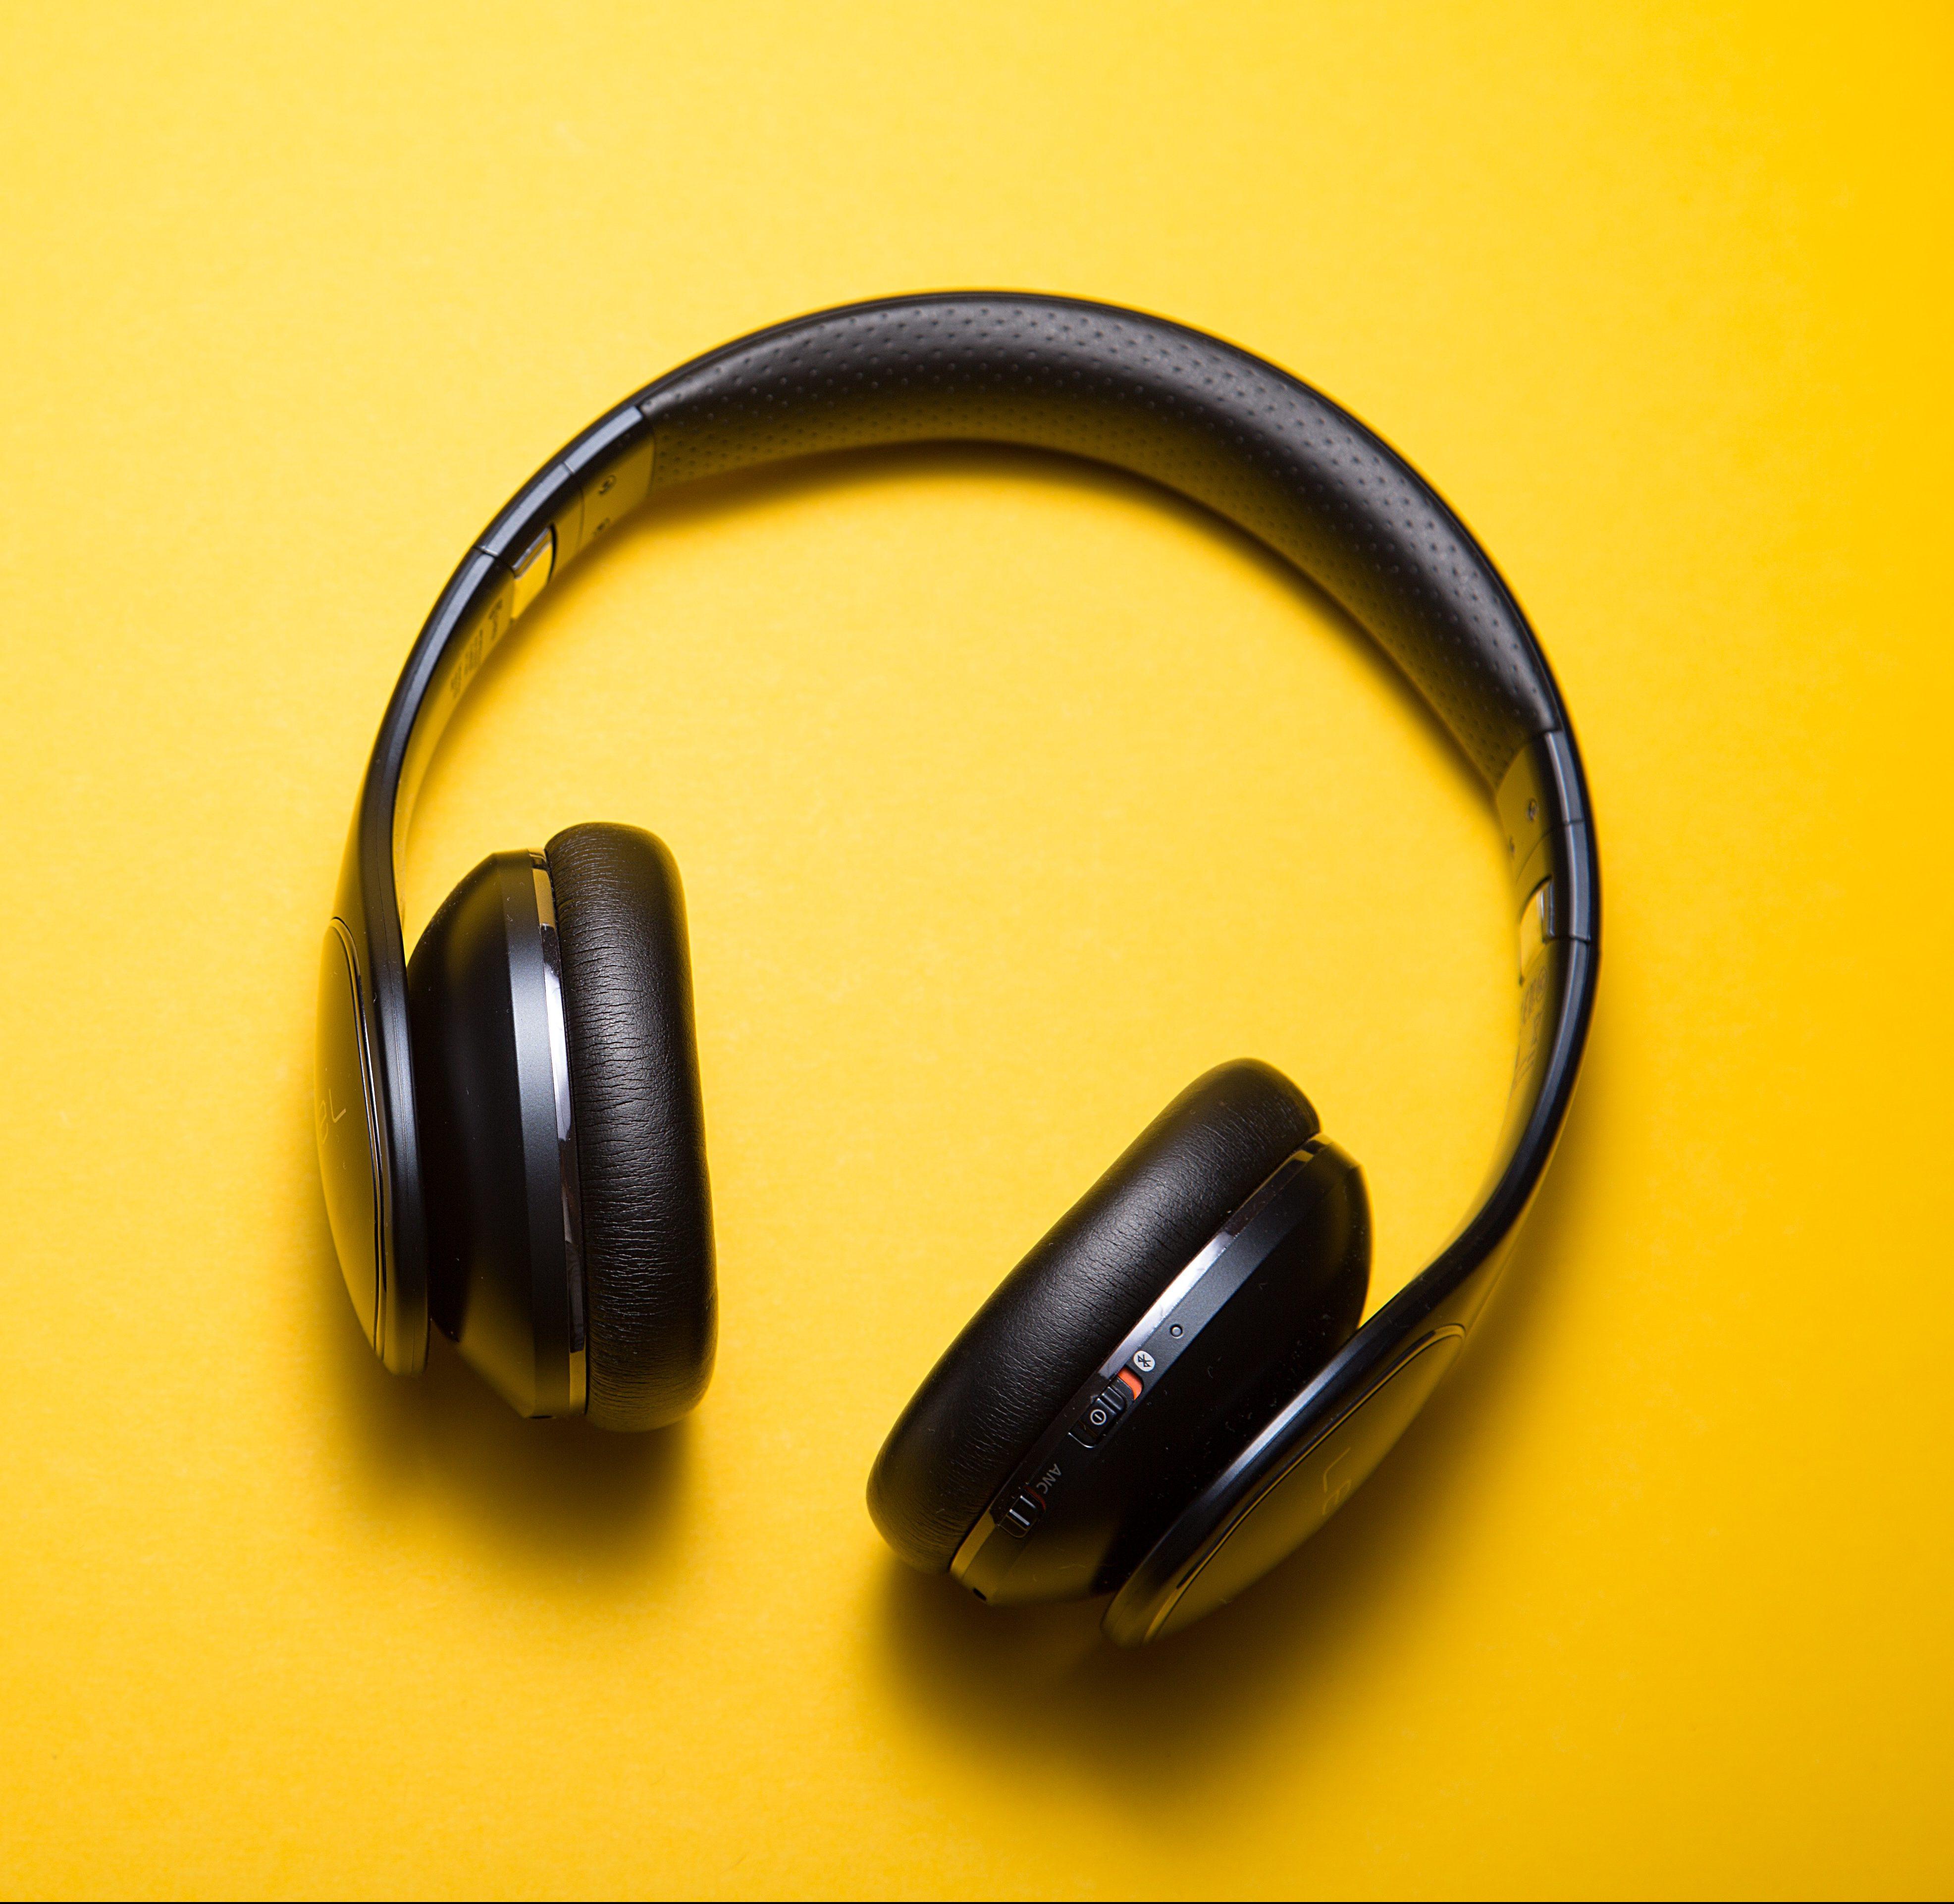 headphones yellow background